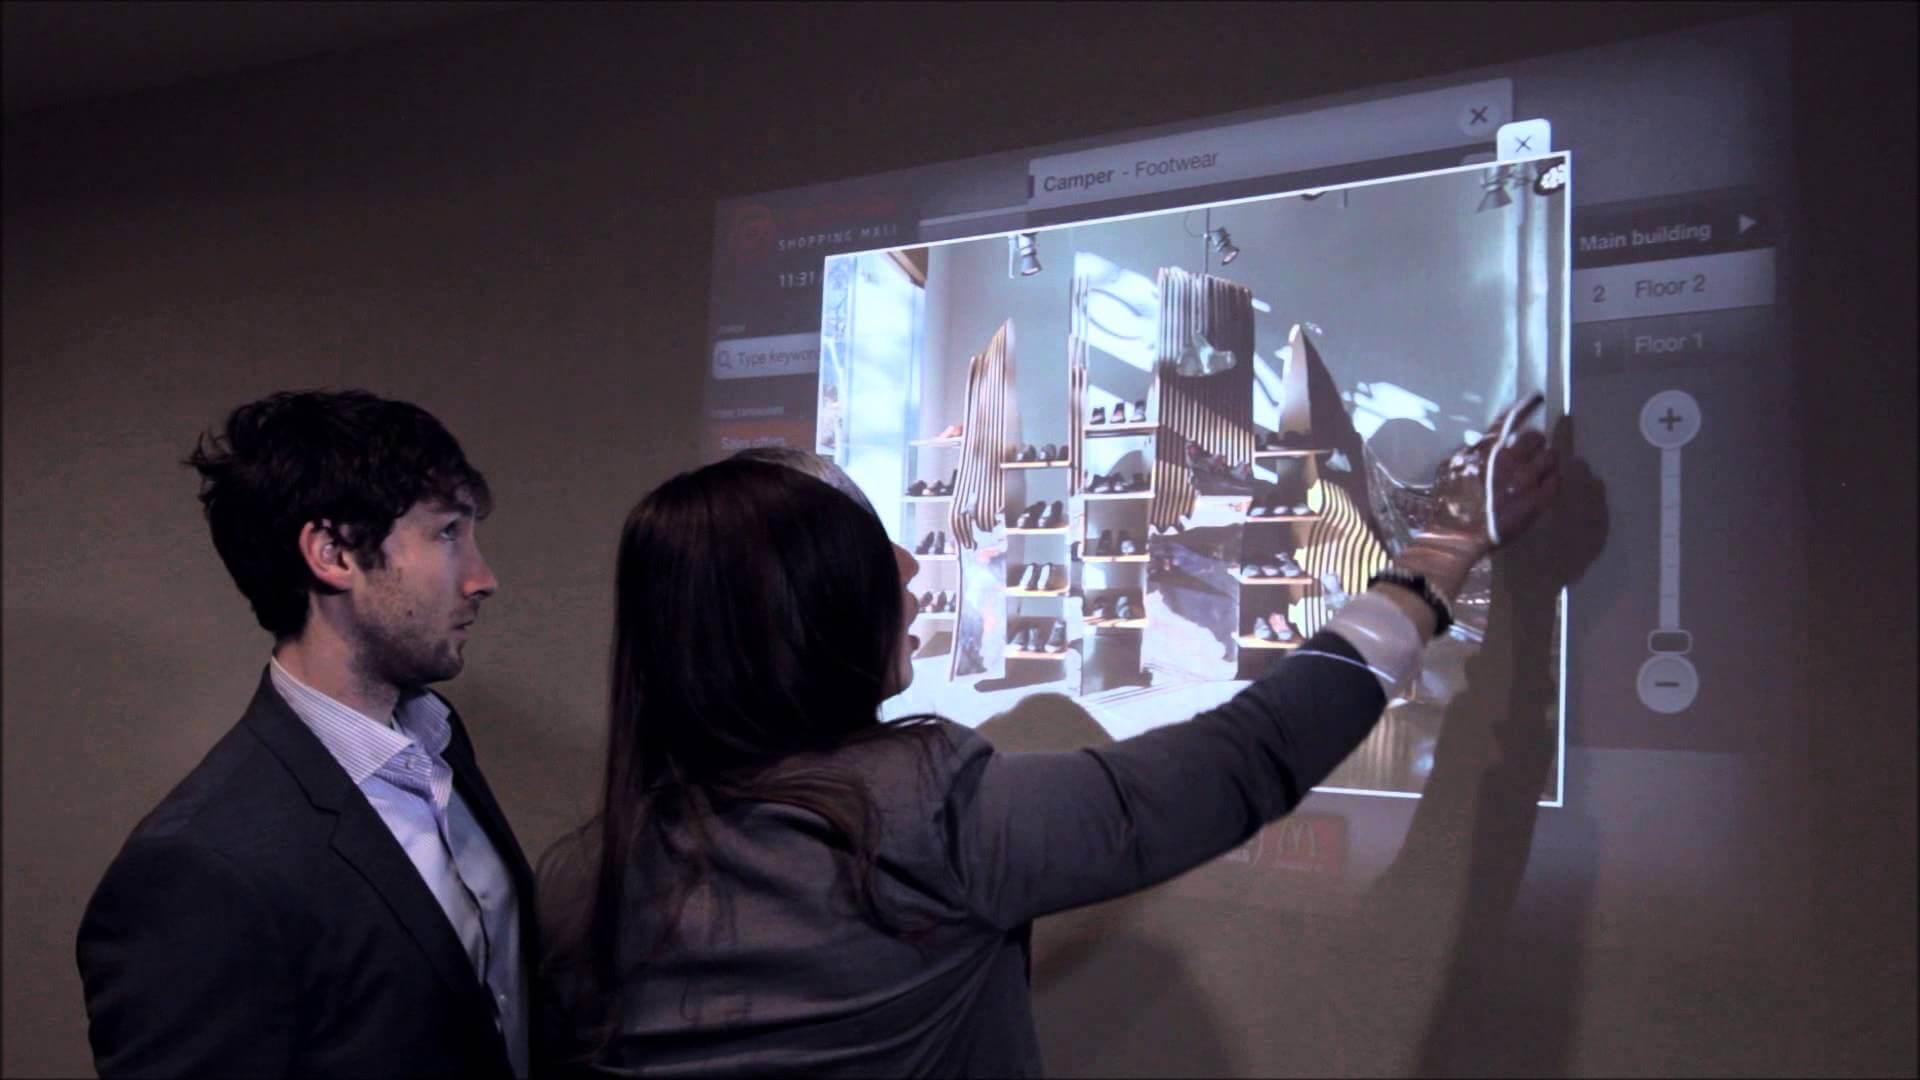 Übi el nuevo software, que convierte cualquier superficie en pantalla táctil